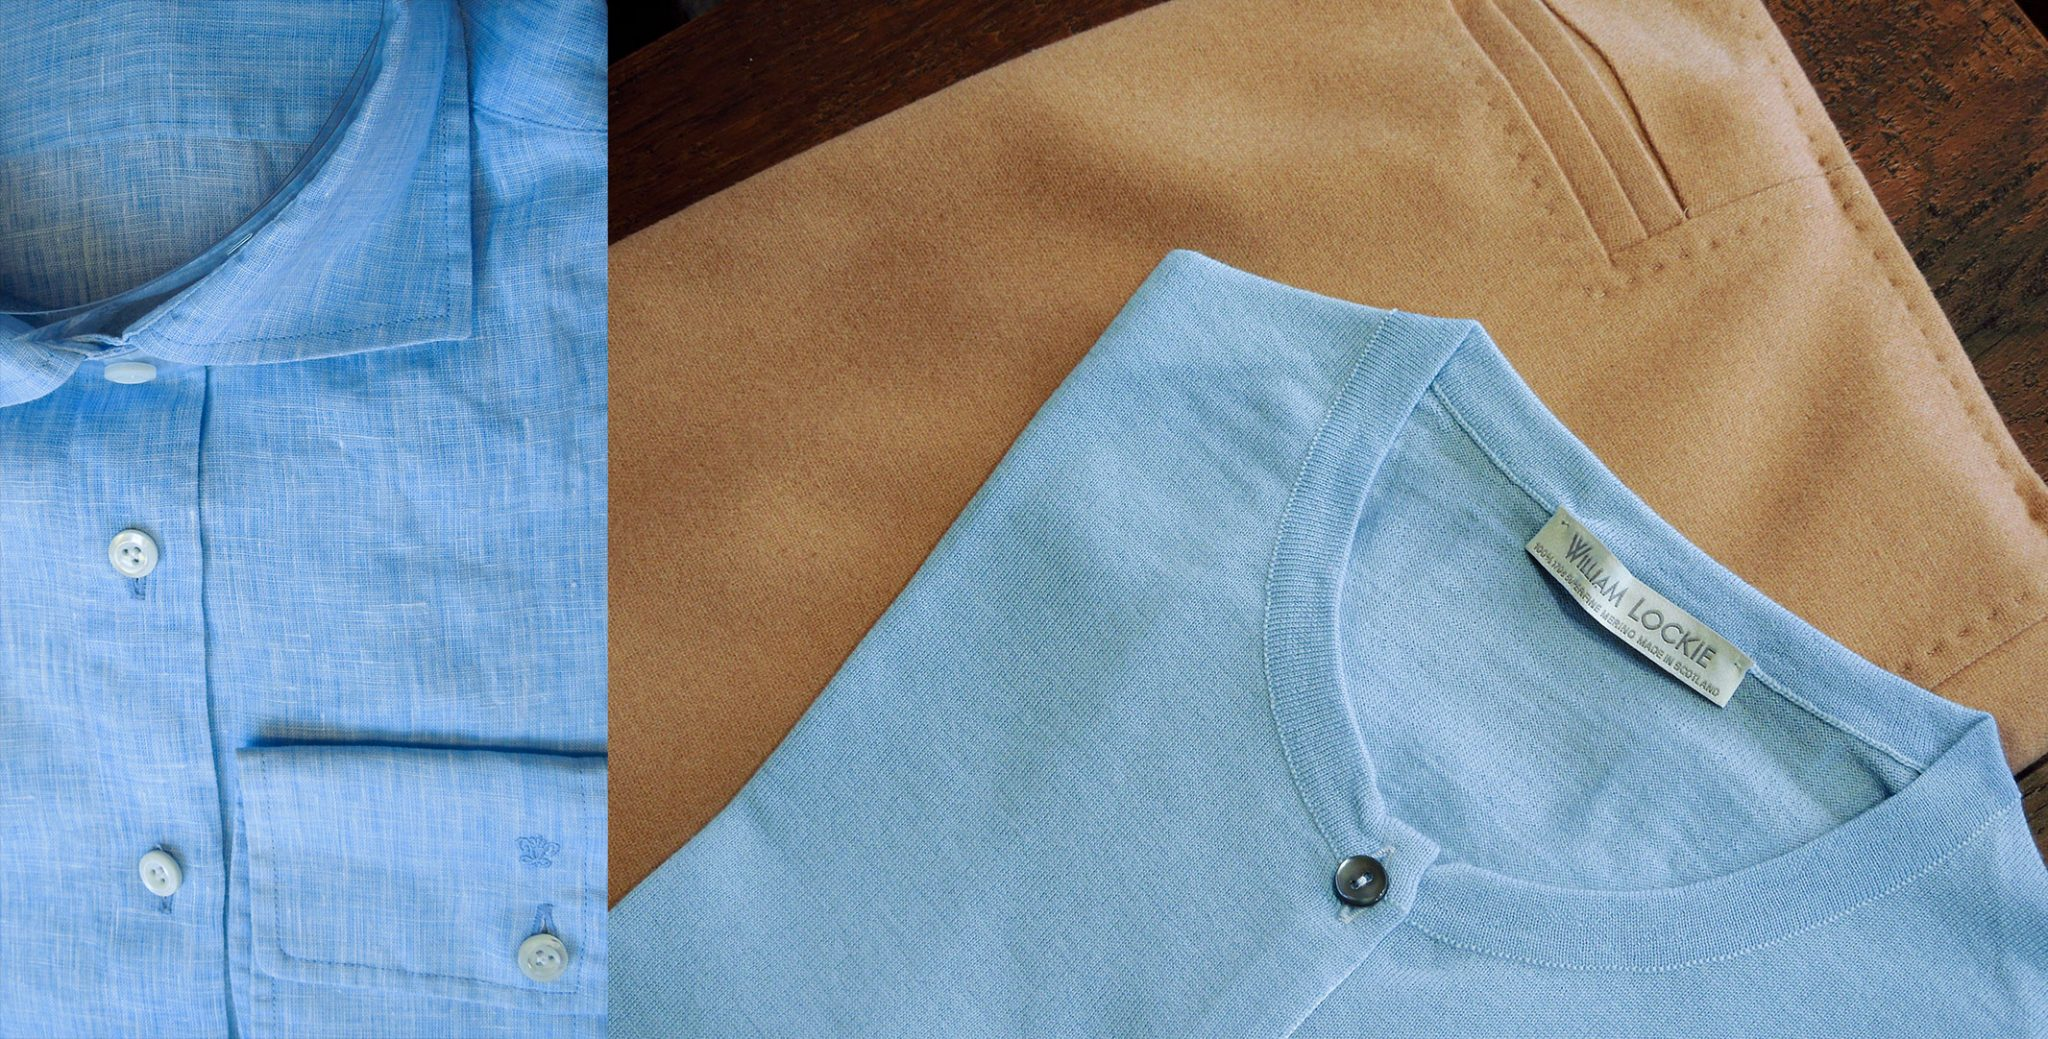 Lichtblauwe blouse en vestje 2021